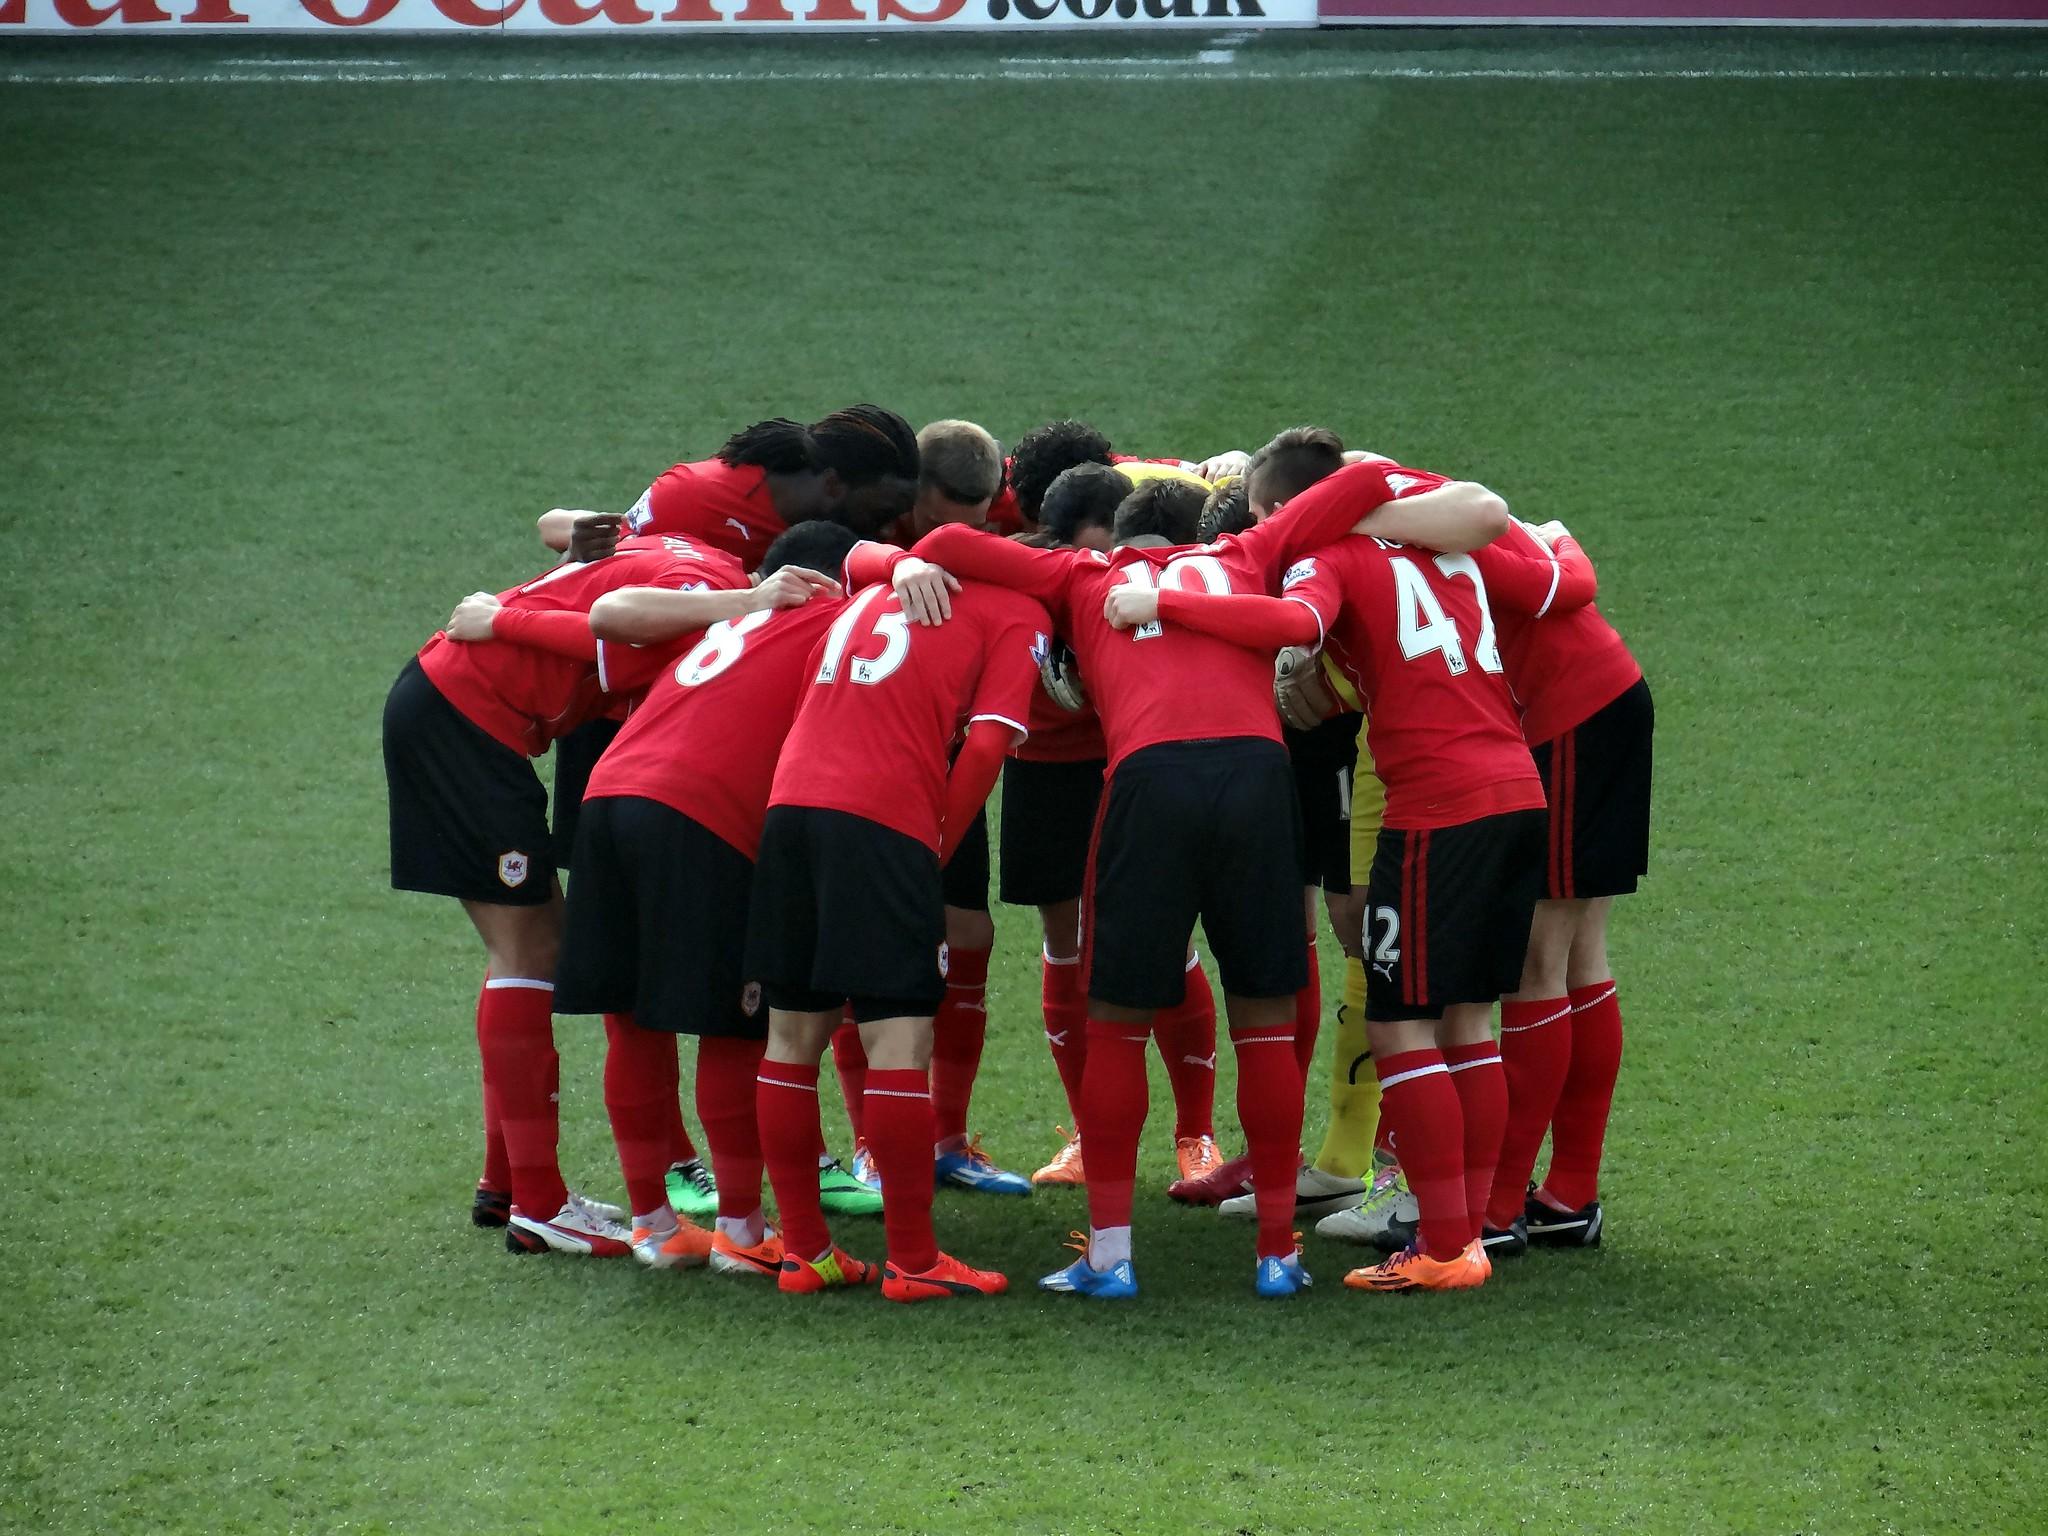 Cardiff City Huddle